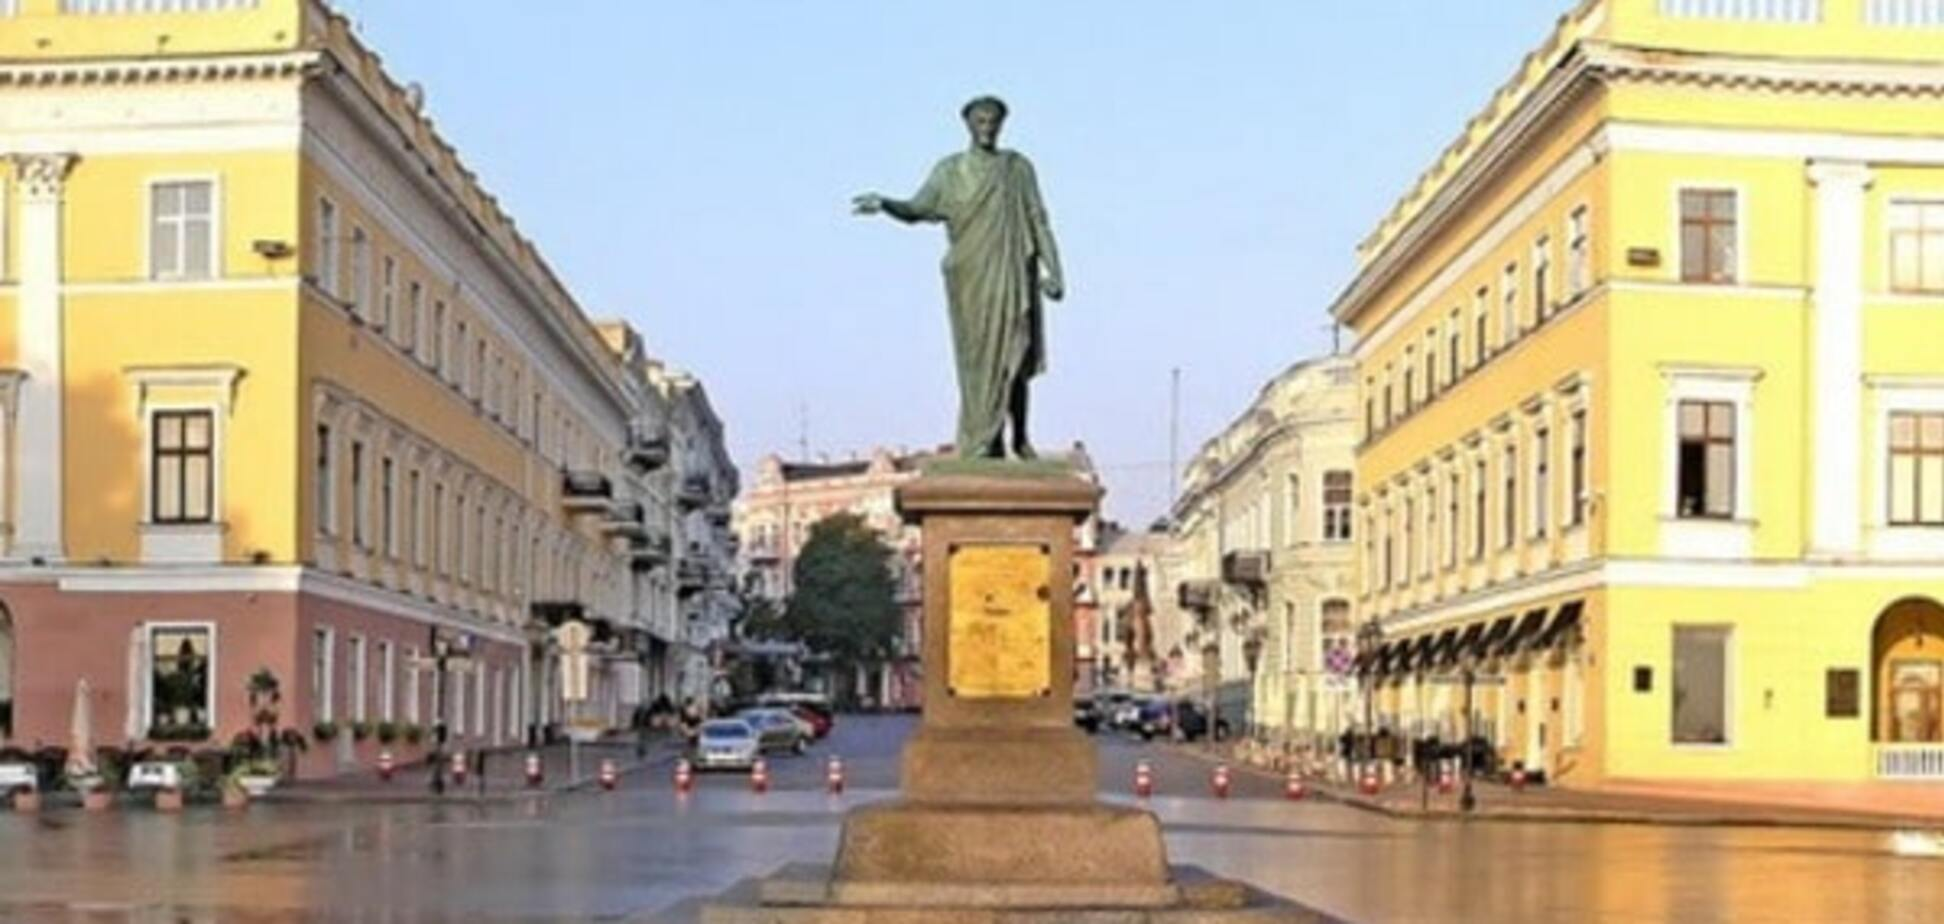 Південь під загрозою: Тимчук попередив про можливі провокації в Одесі